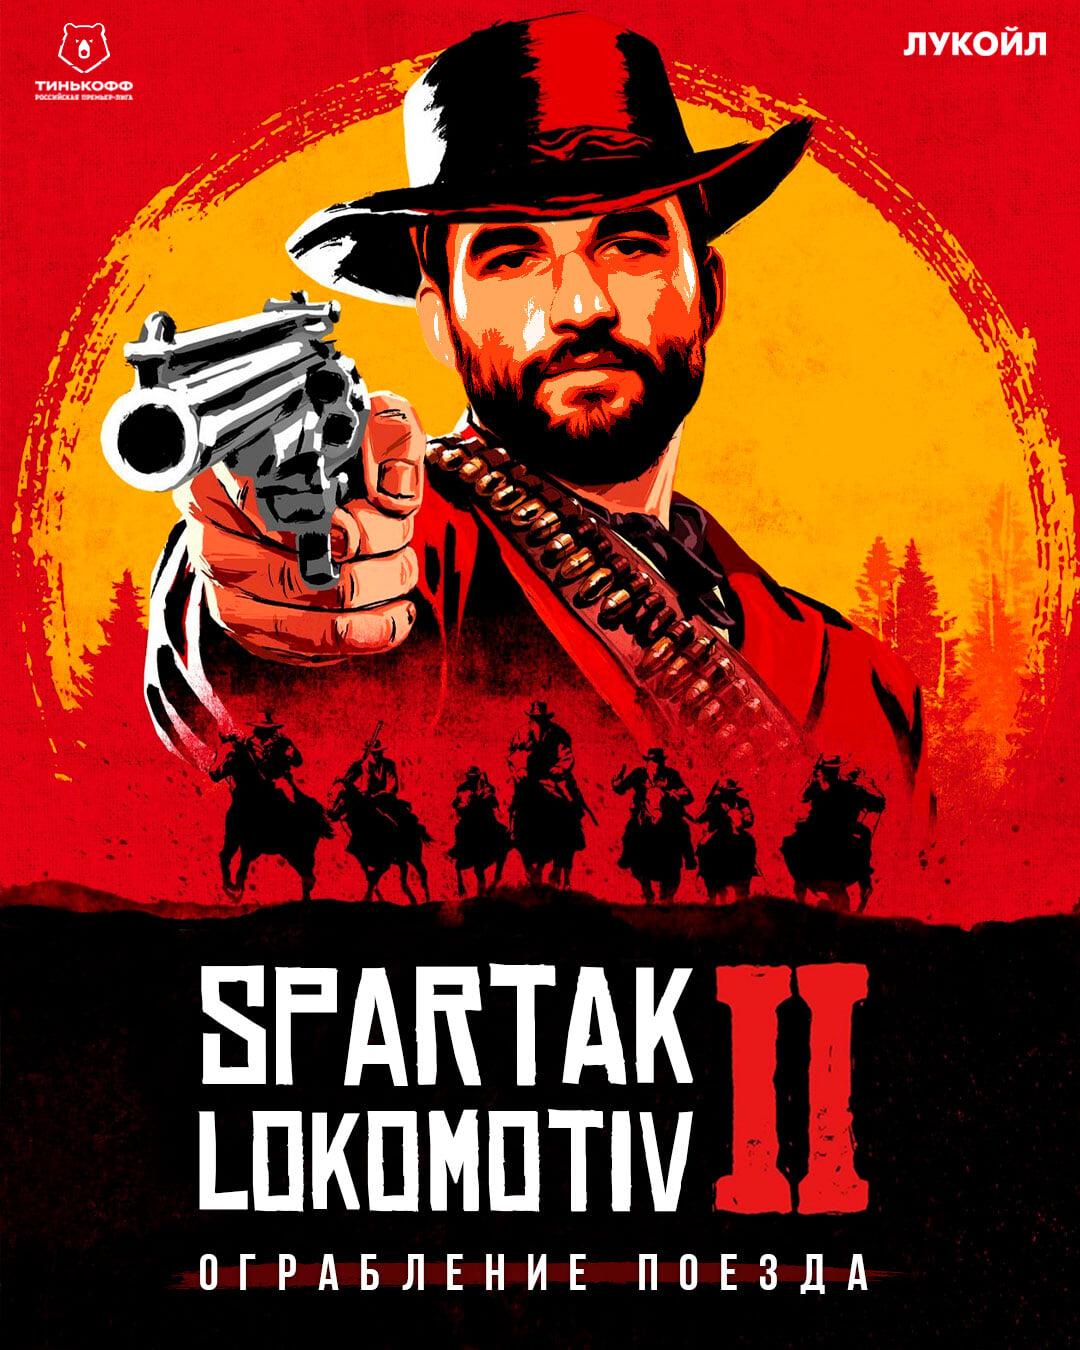 «Спартак» подготовил афишу в стилистике Red Dead Redemption 2 к матчу против «Локомотива»